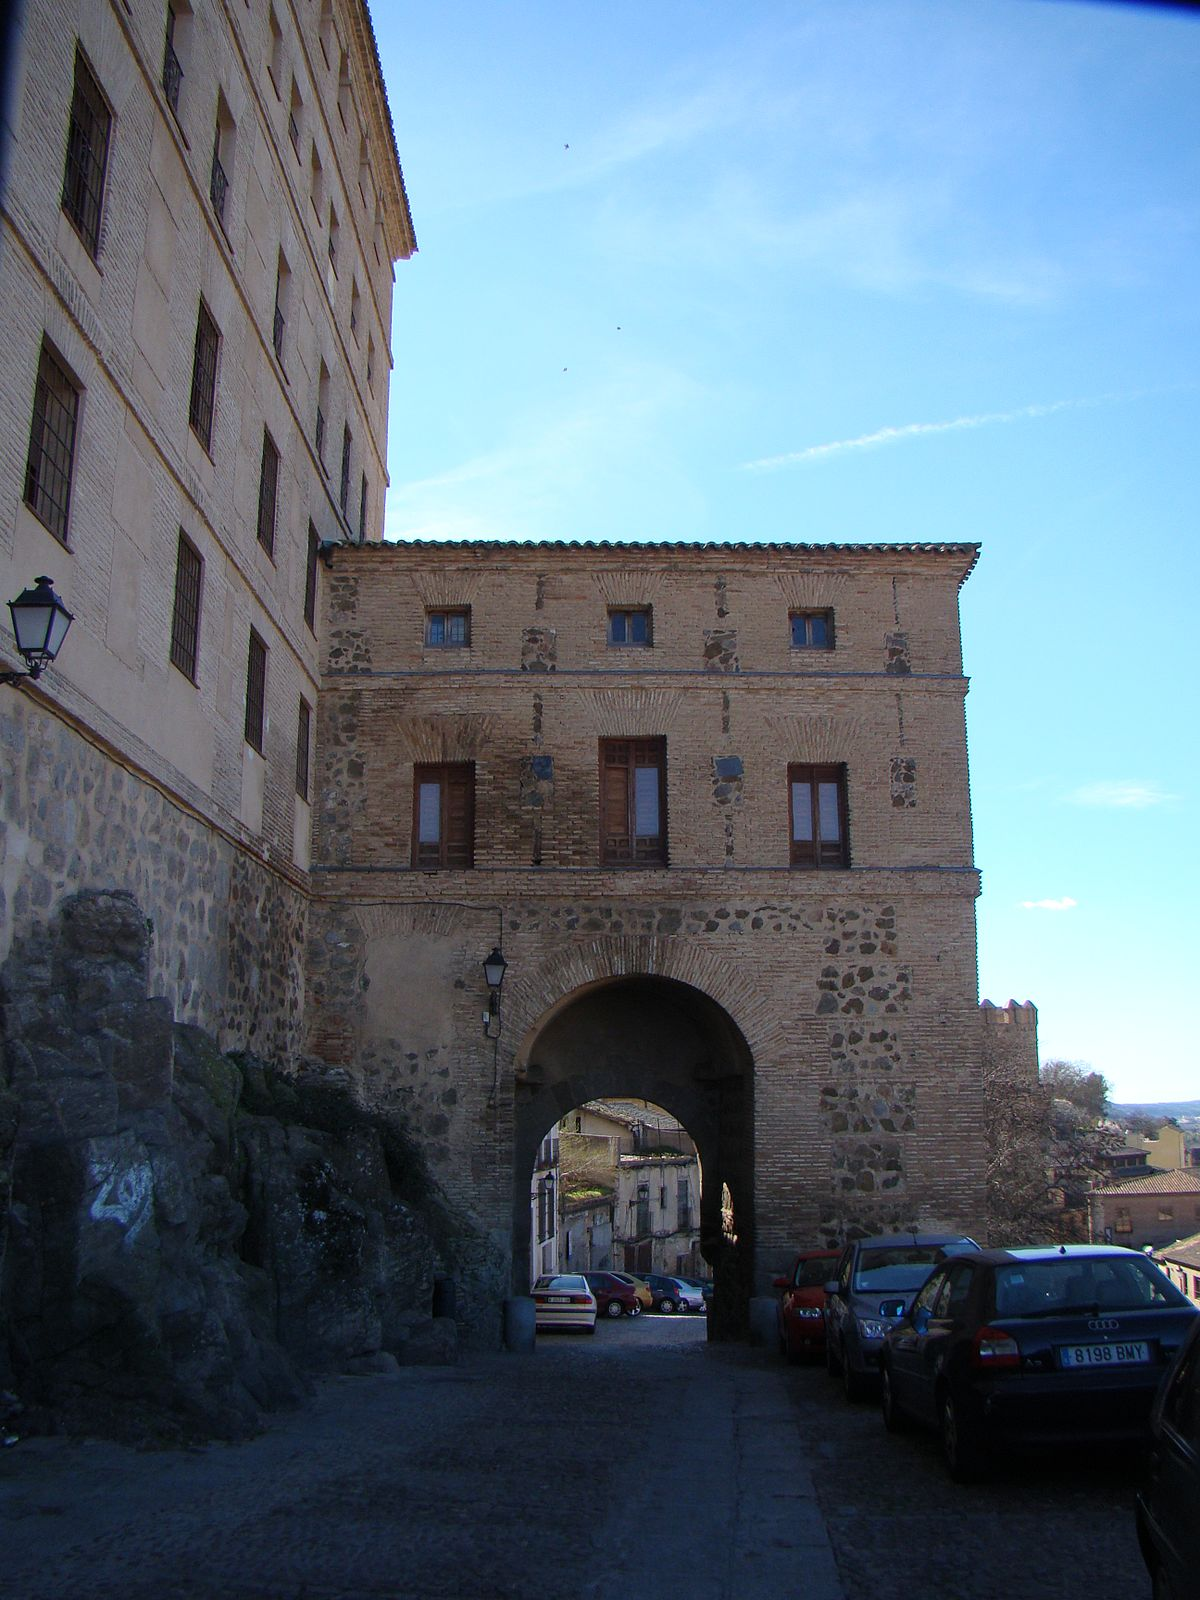 Puerta de alarcones wikipedia for Shoko puerta de toledo